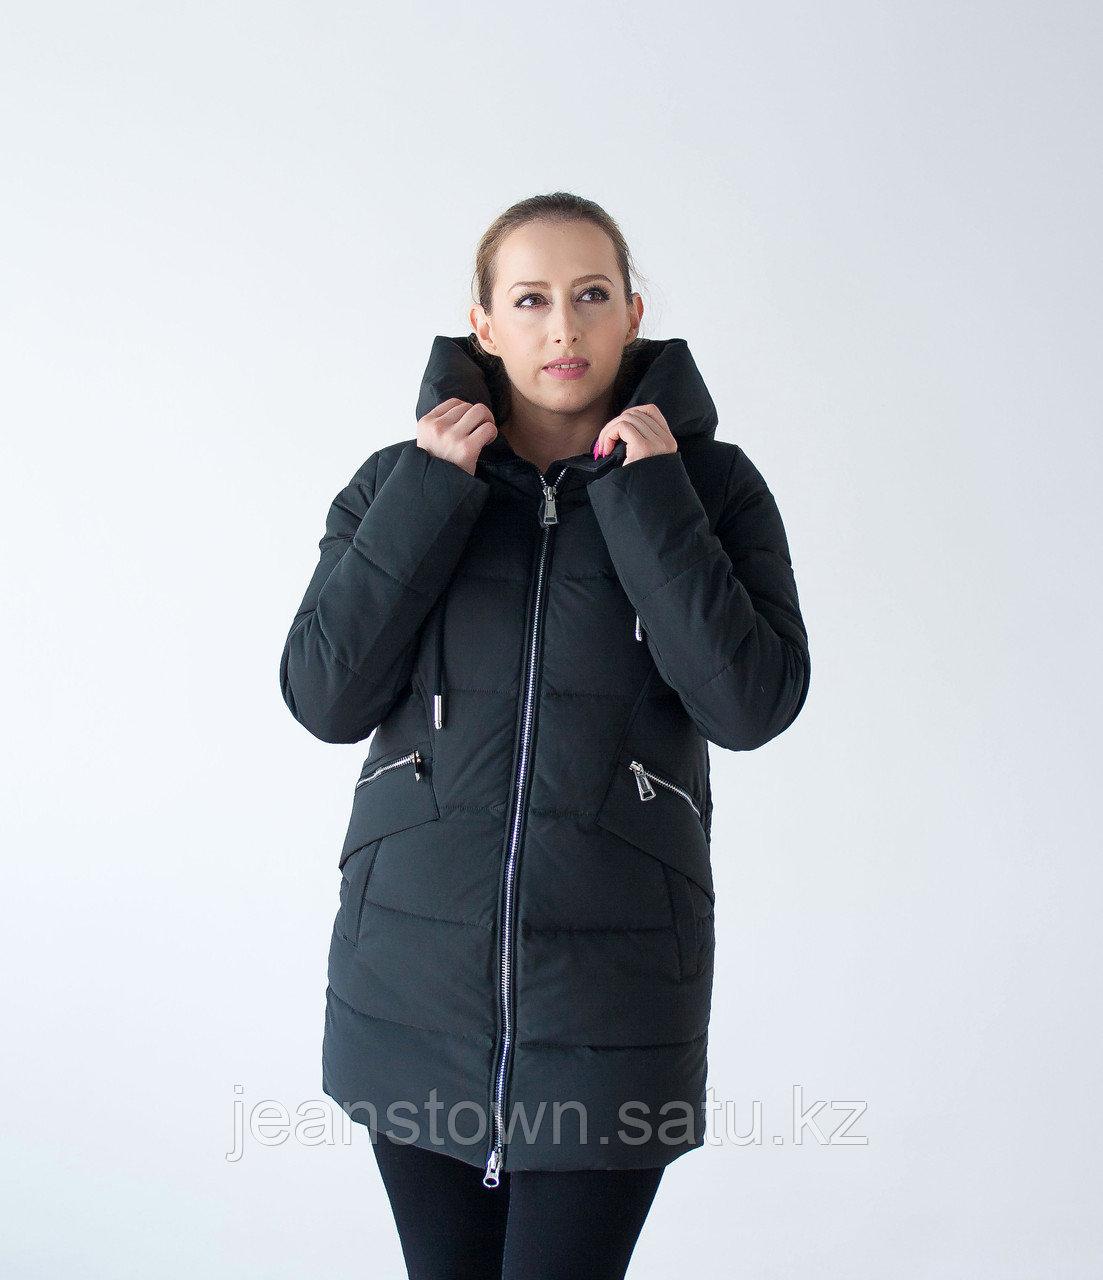 Куртка женская зимняя  Tarore , черная